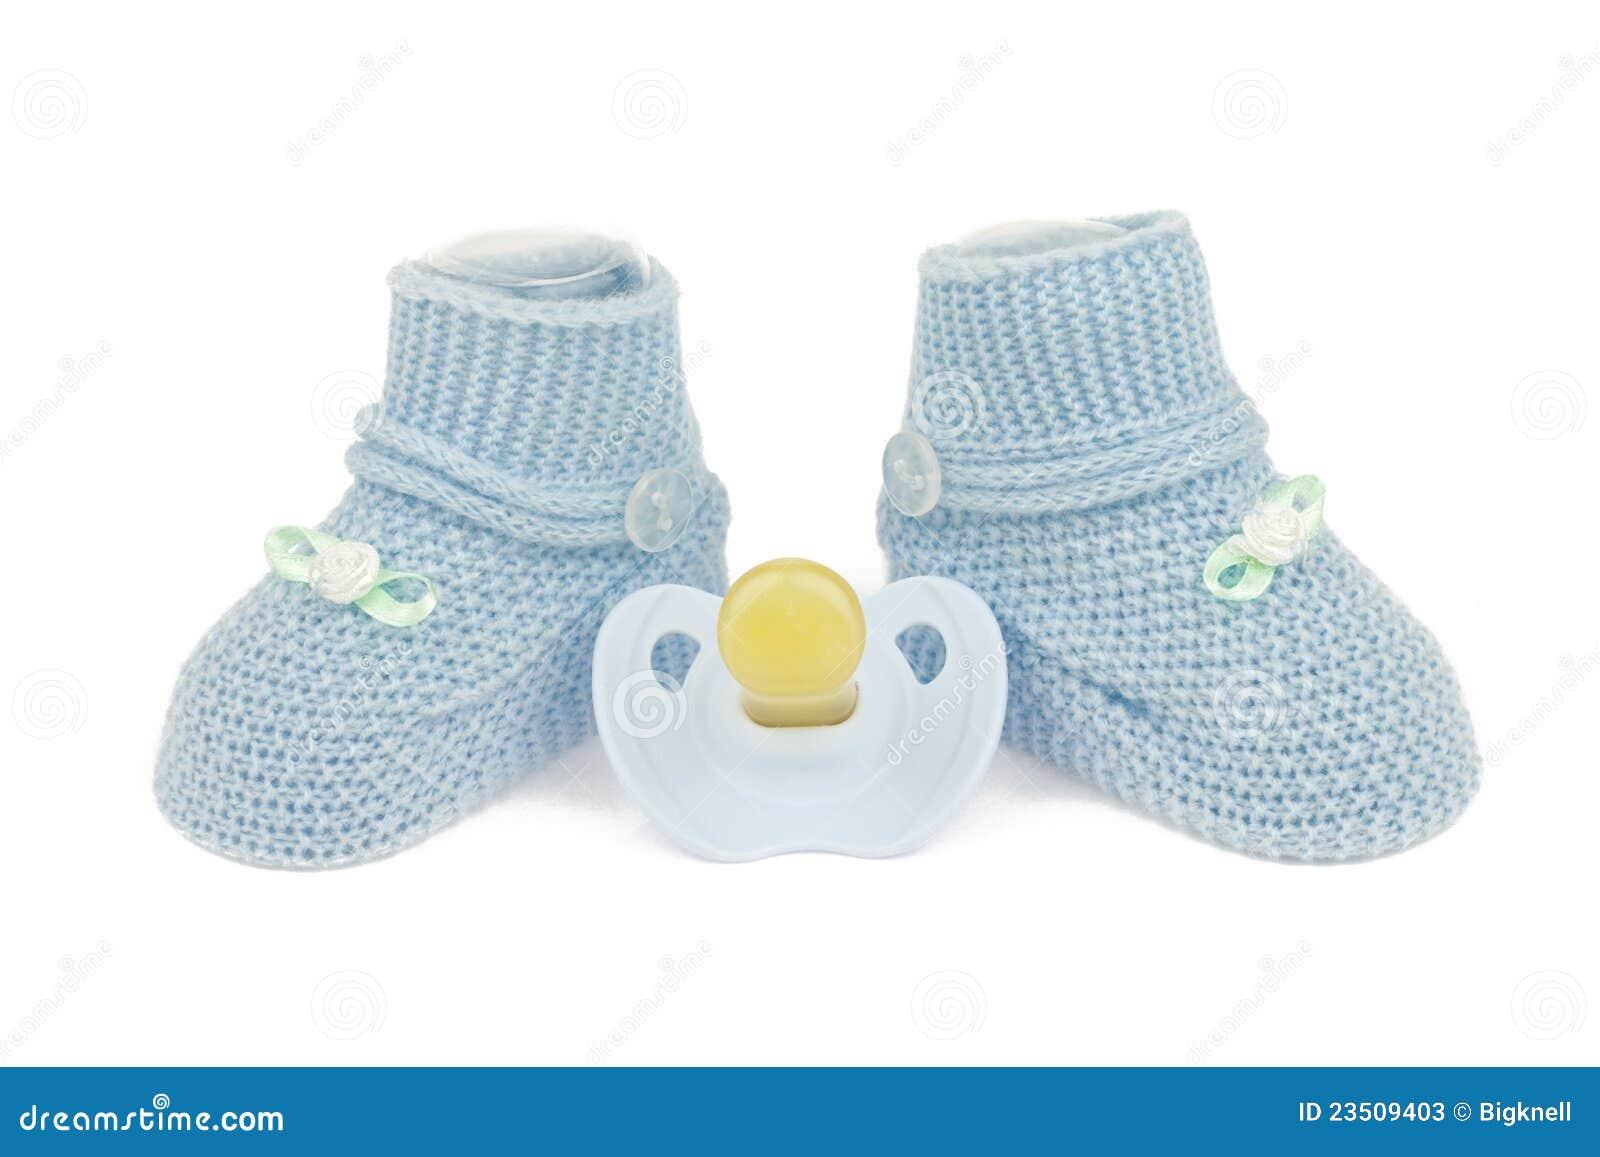 Kinitted Baby Shoe